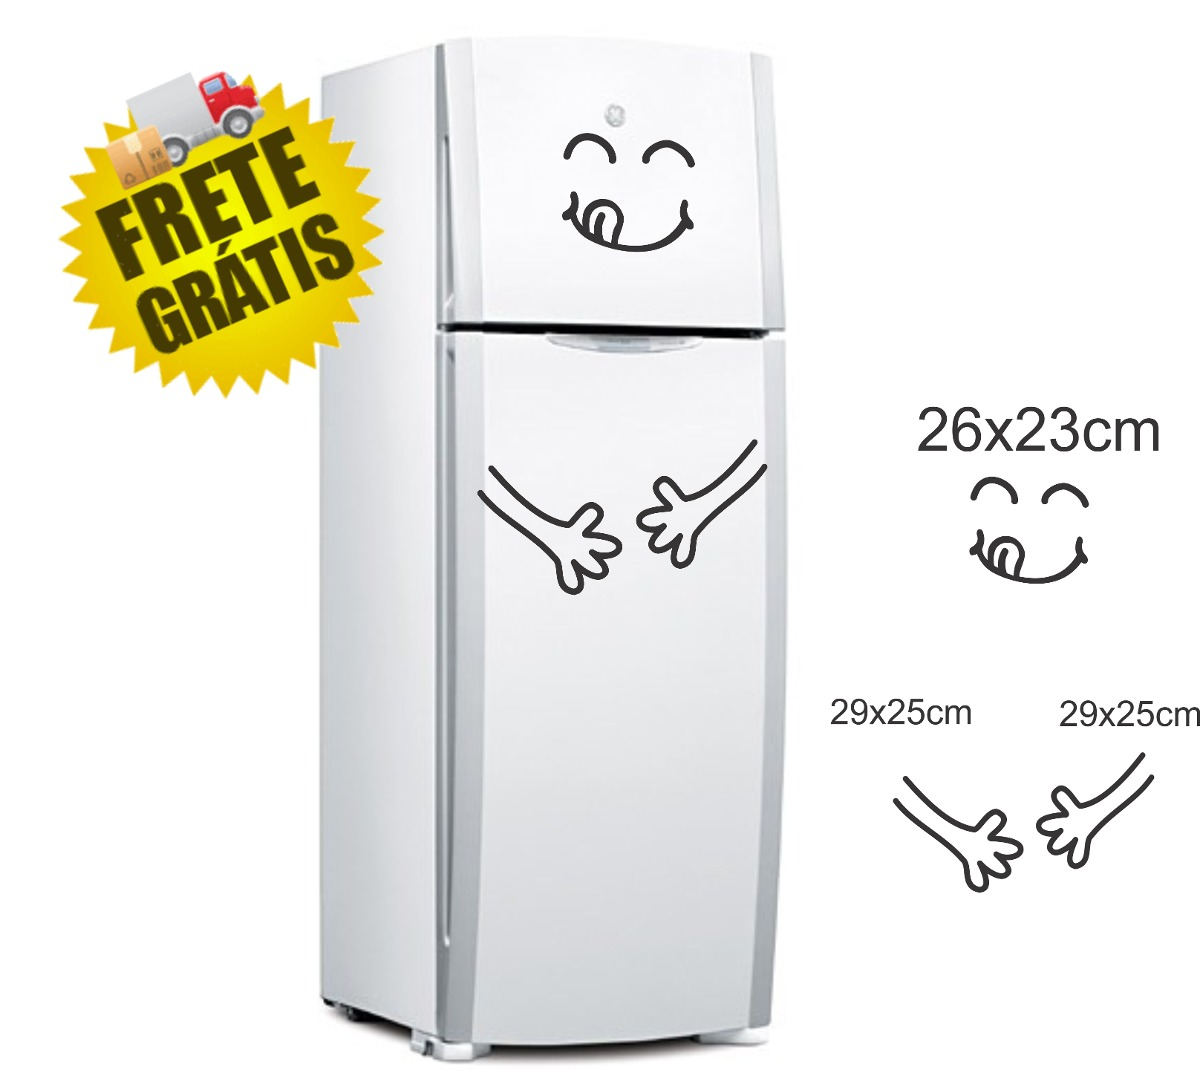 Adesivo decorativo geladeira comil o freezer parede casa - Temperatura freezer casa ...